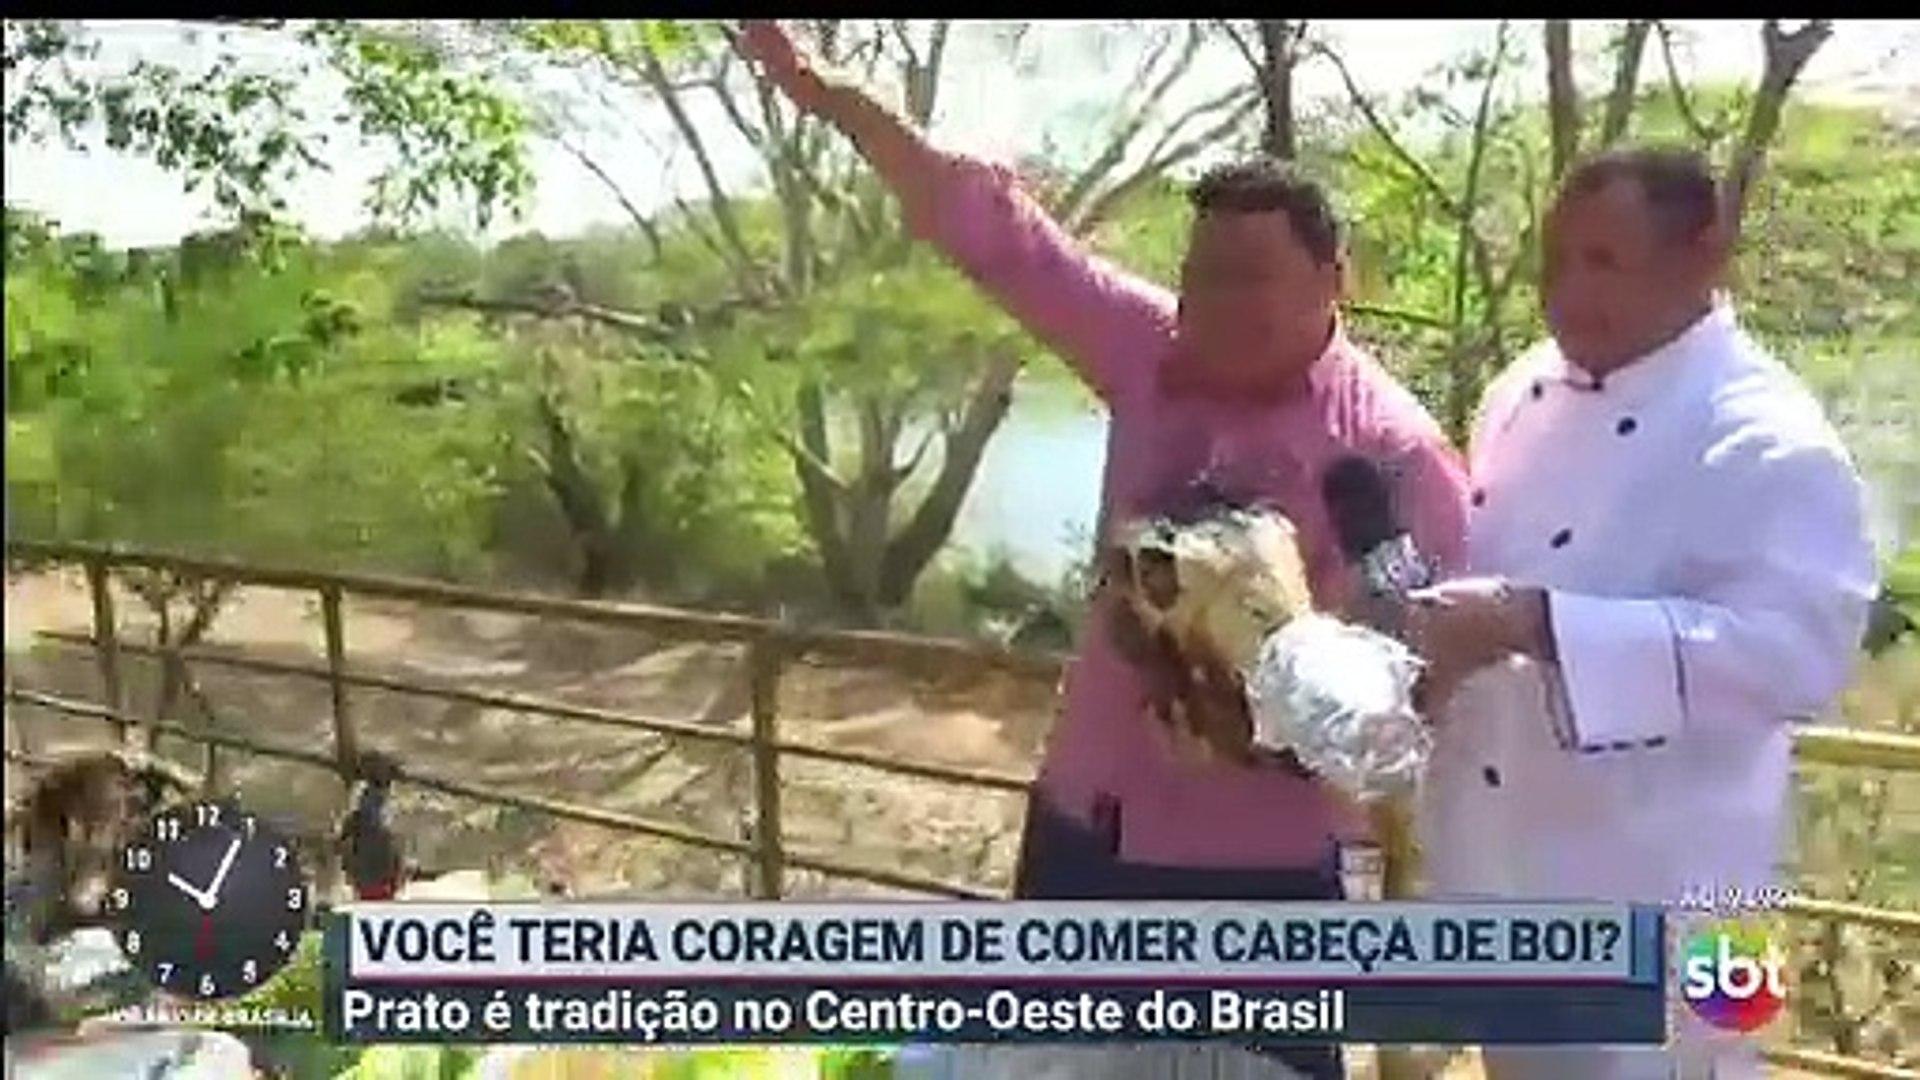 (Trecho) Você teria coragem de comer cabeça de boi? Prato de tradição no Centro-Oeste do Brasil - Pr